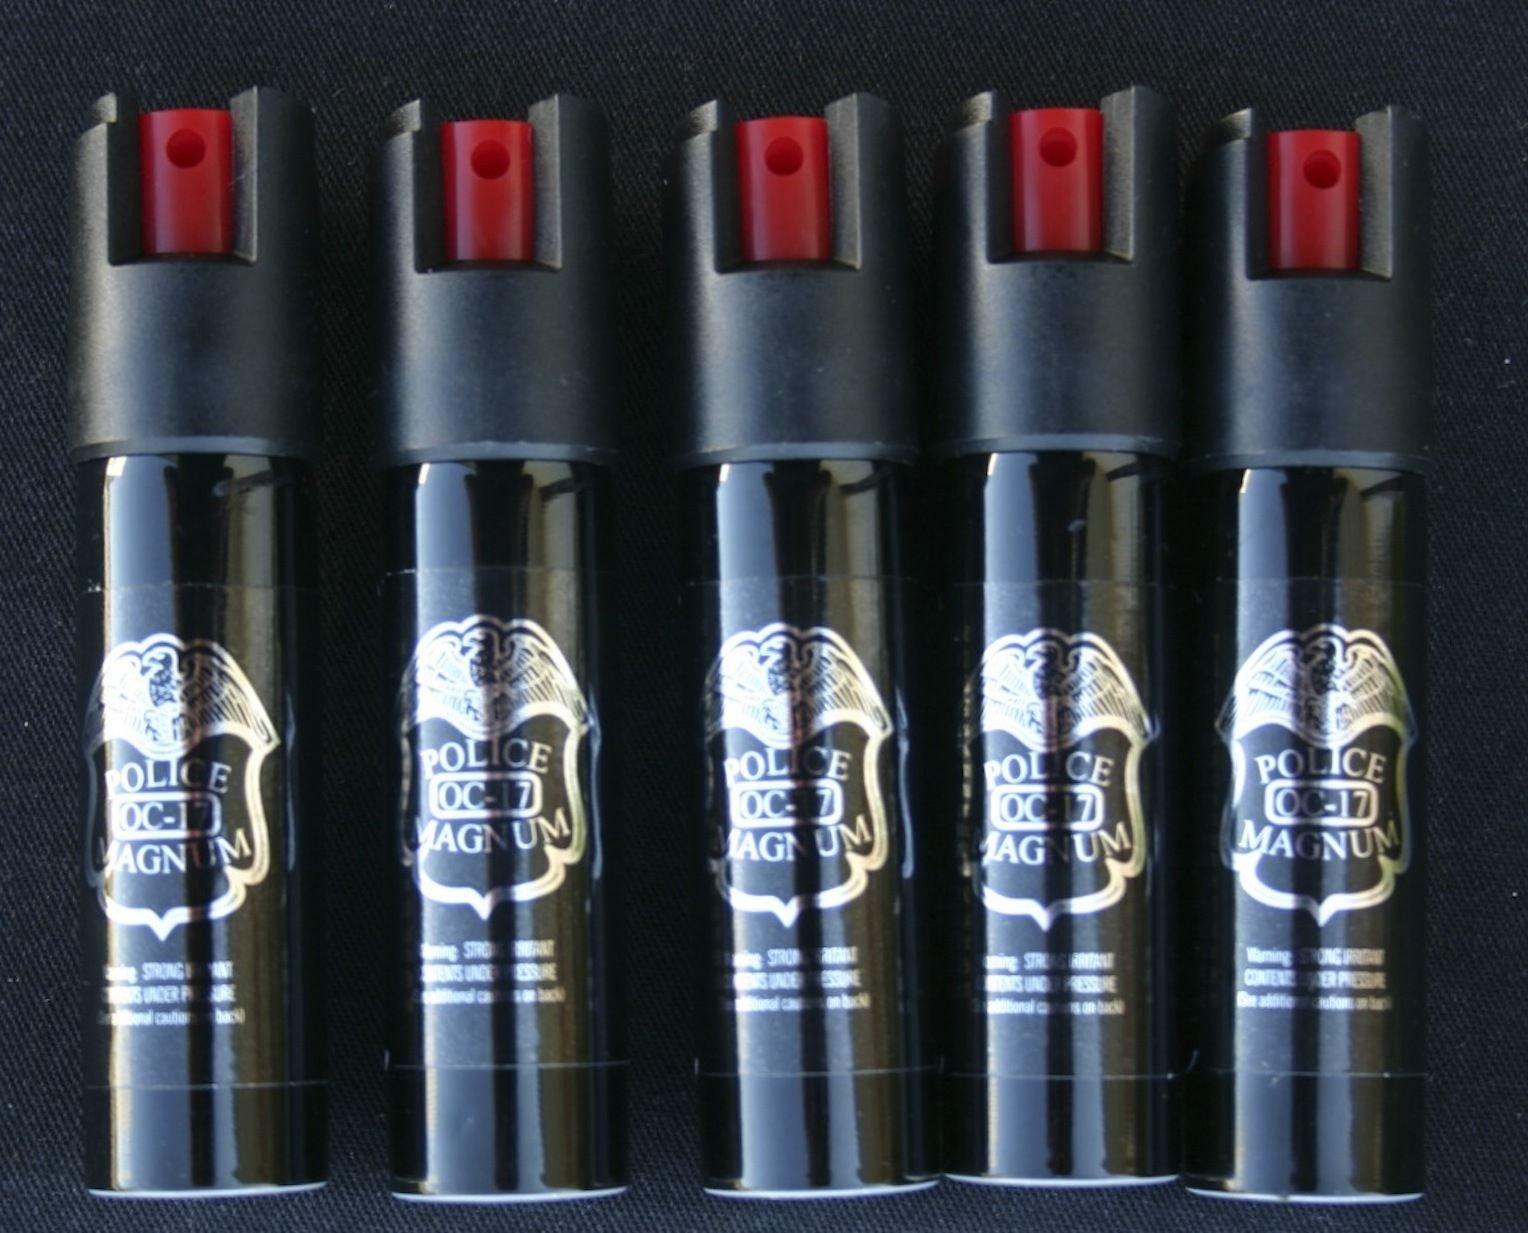 5 Pack Police Magnum Pepper Spray 0.7oz OC-17 Pepper Spray Police Strength by Police